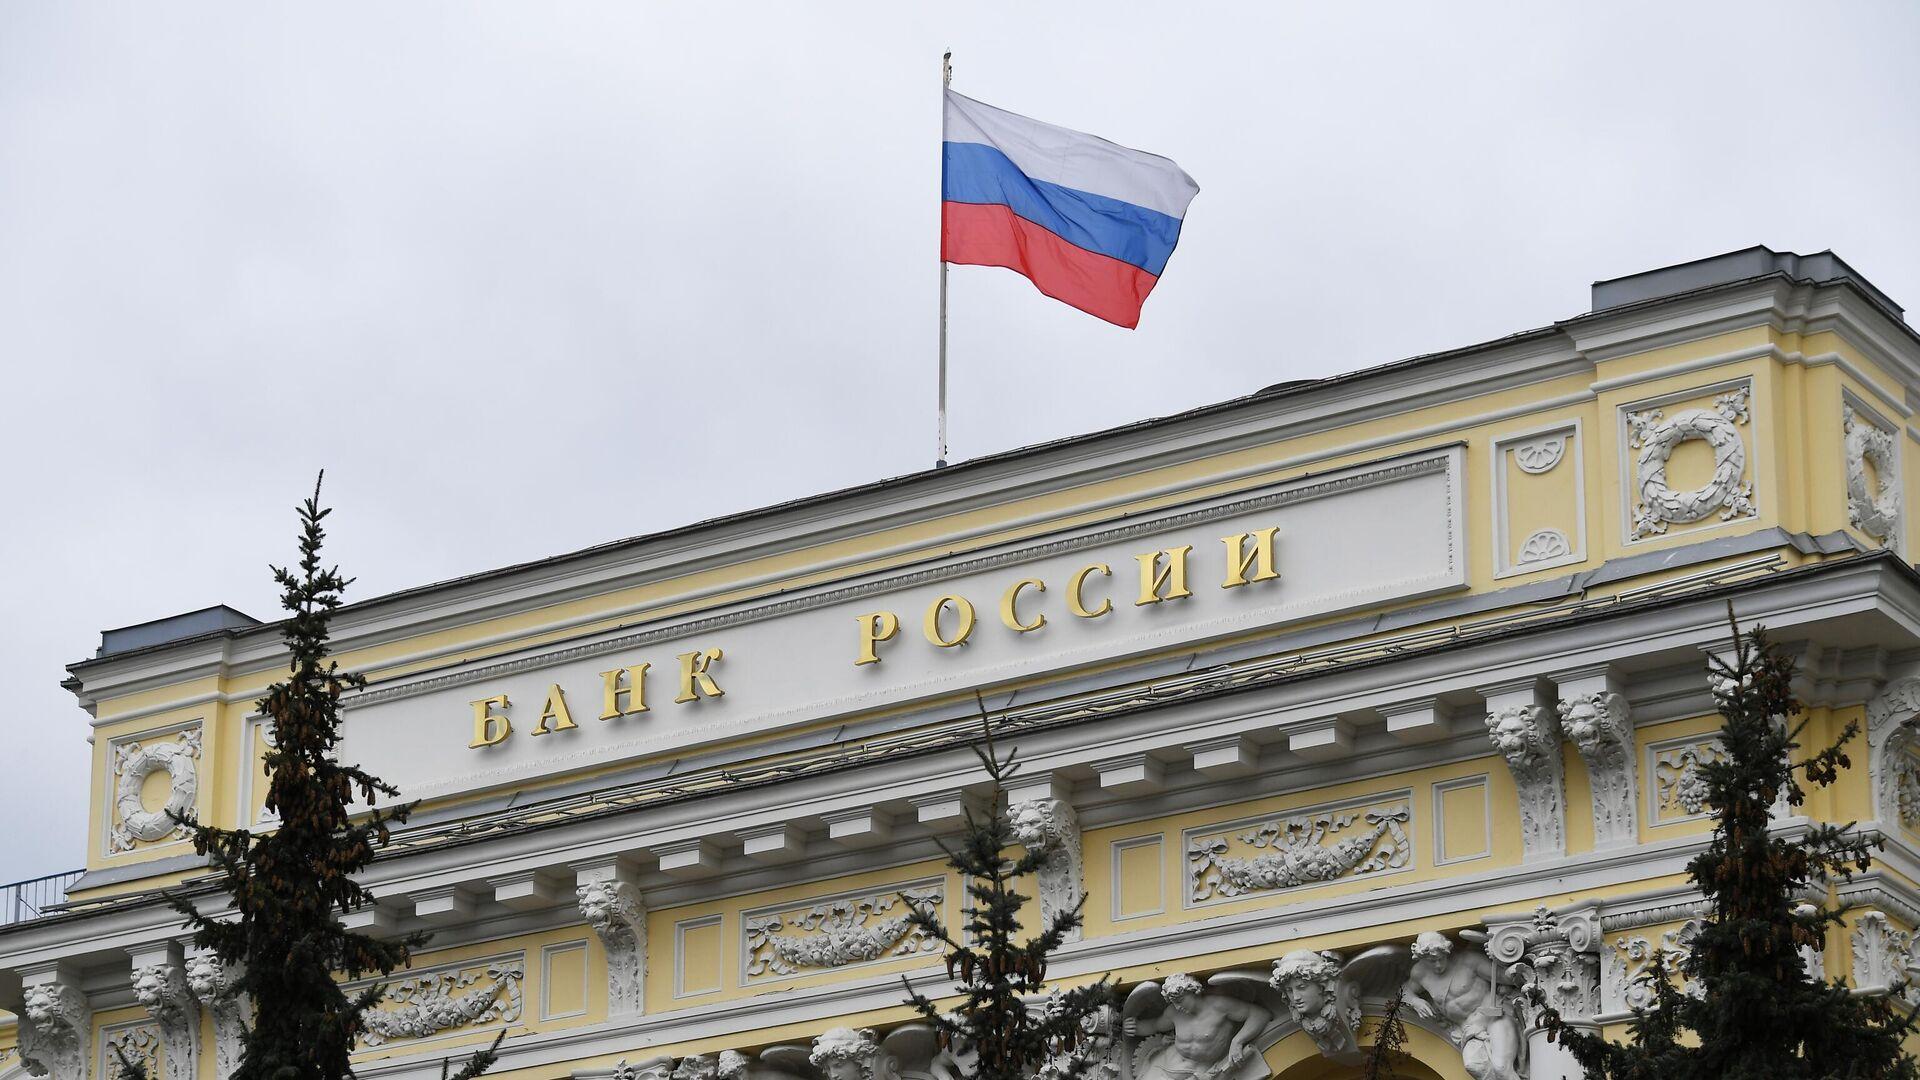 Здание Центрального банка РФ - РИА Новости, 1920, 24.03.2021